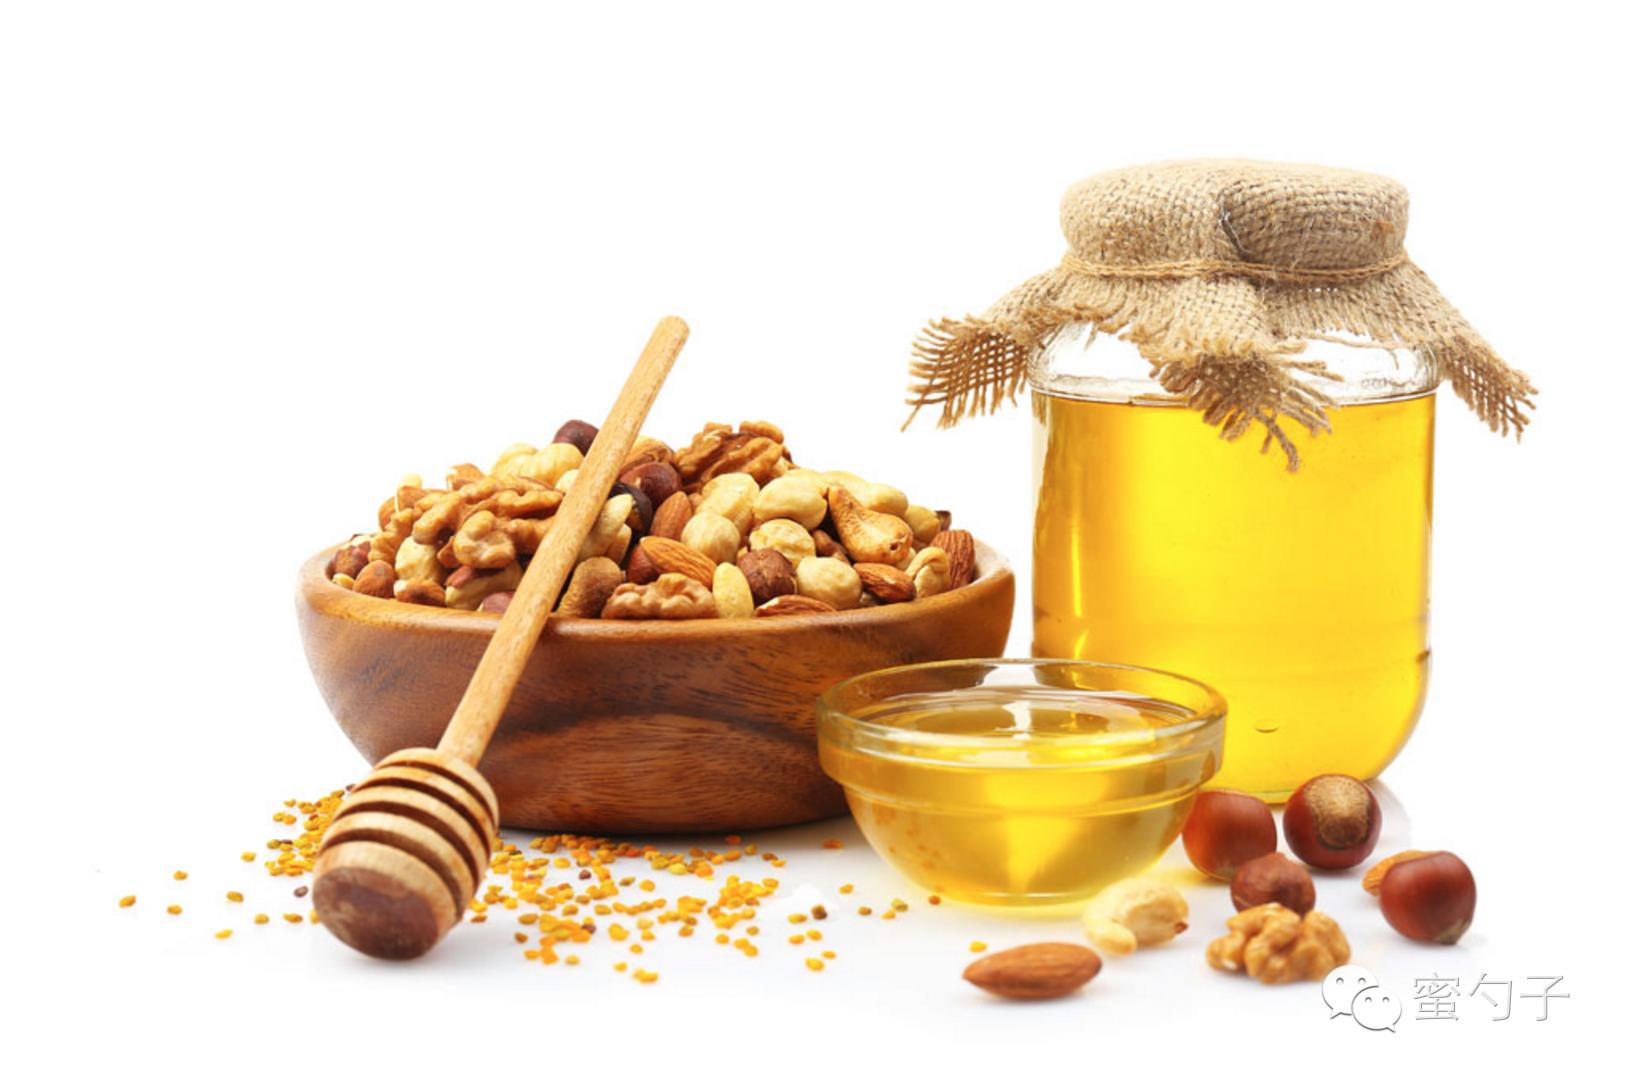 蜂蜜食用 买蜂蜜哪个网站好 如何用蜂蜜美容 葵花蜜 蜂蜡